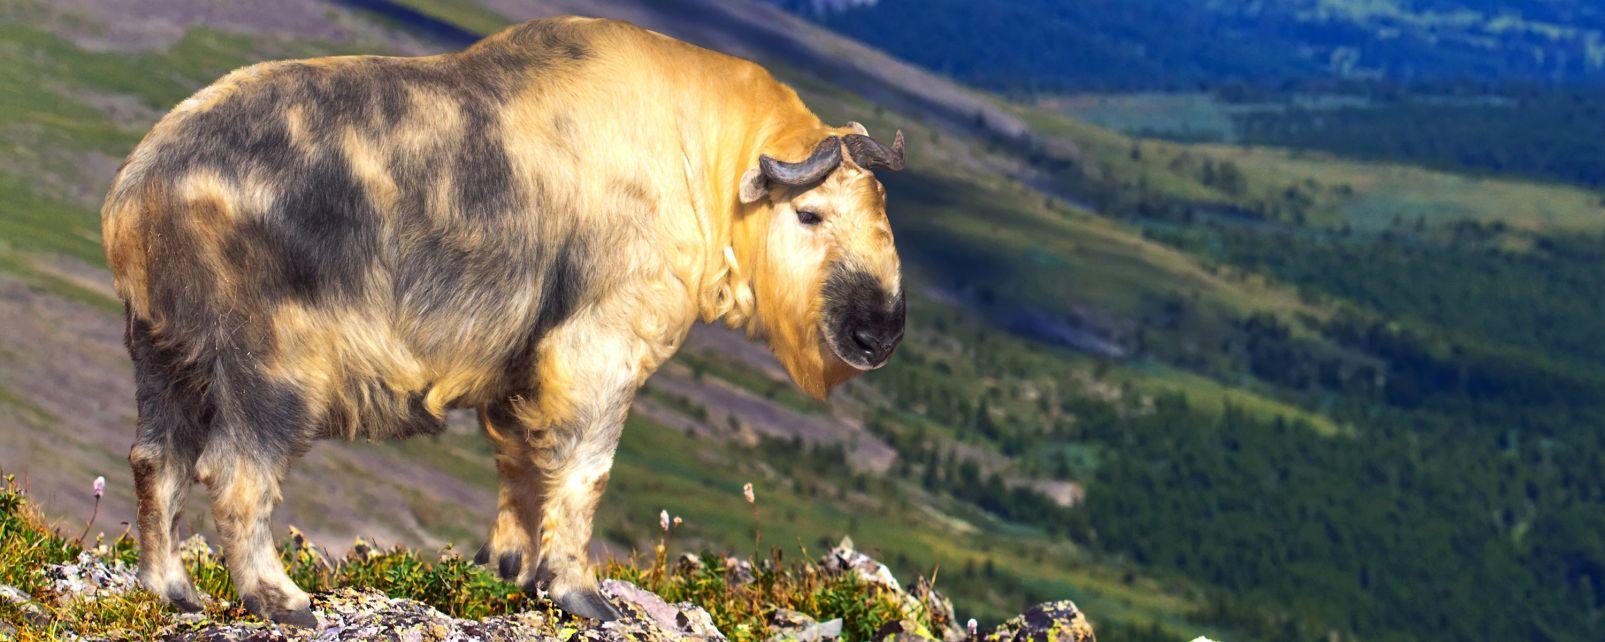 La fauna delle montagne e la giungla bhutan - Immagini da colorare delle montagne ...